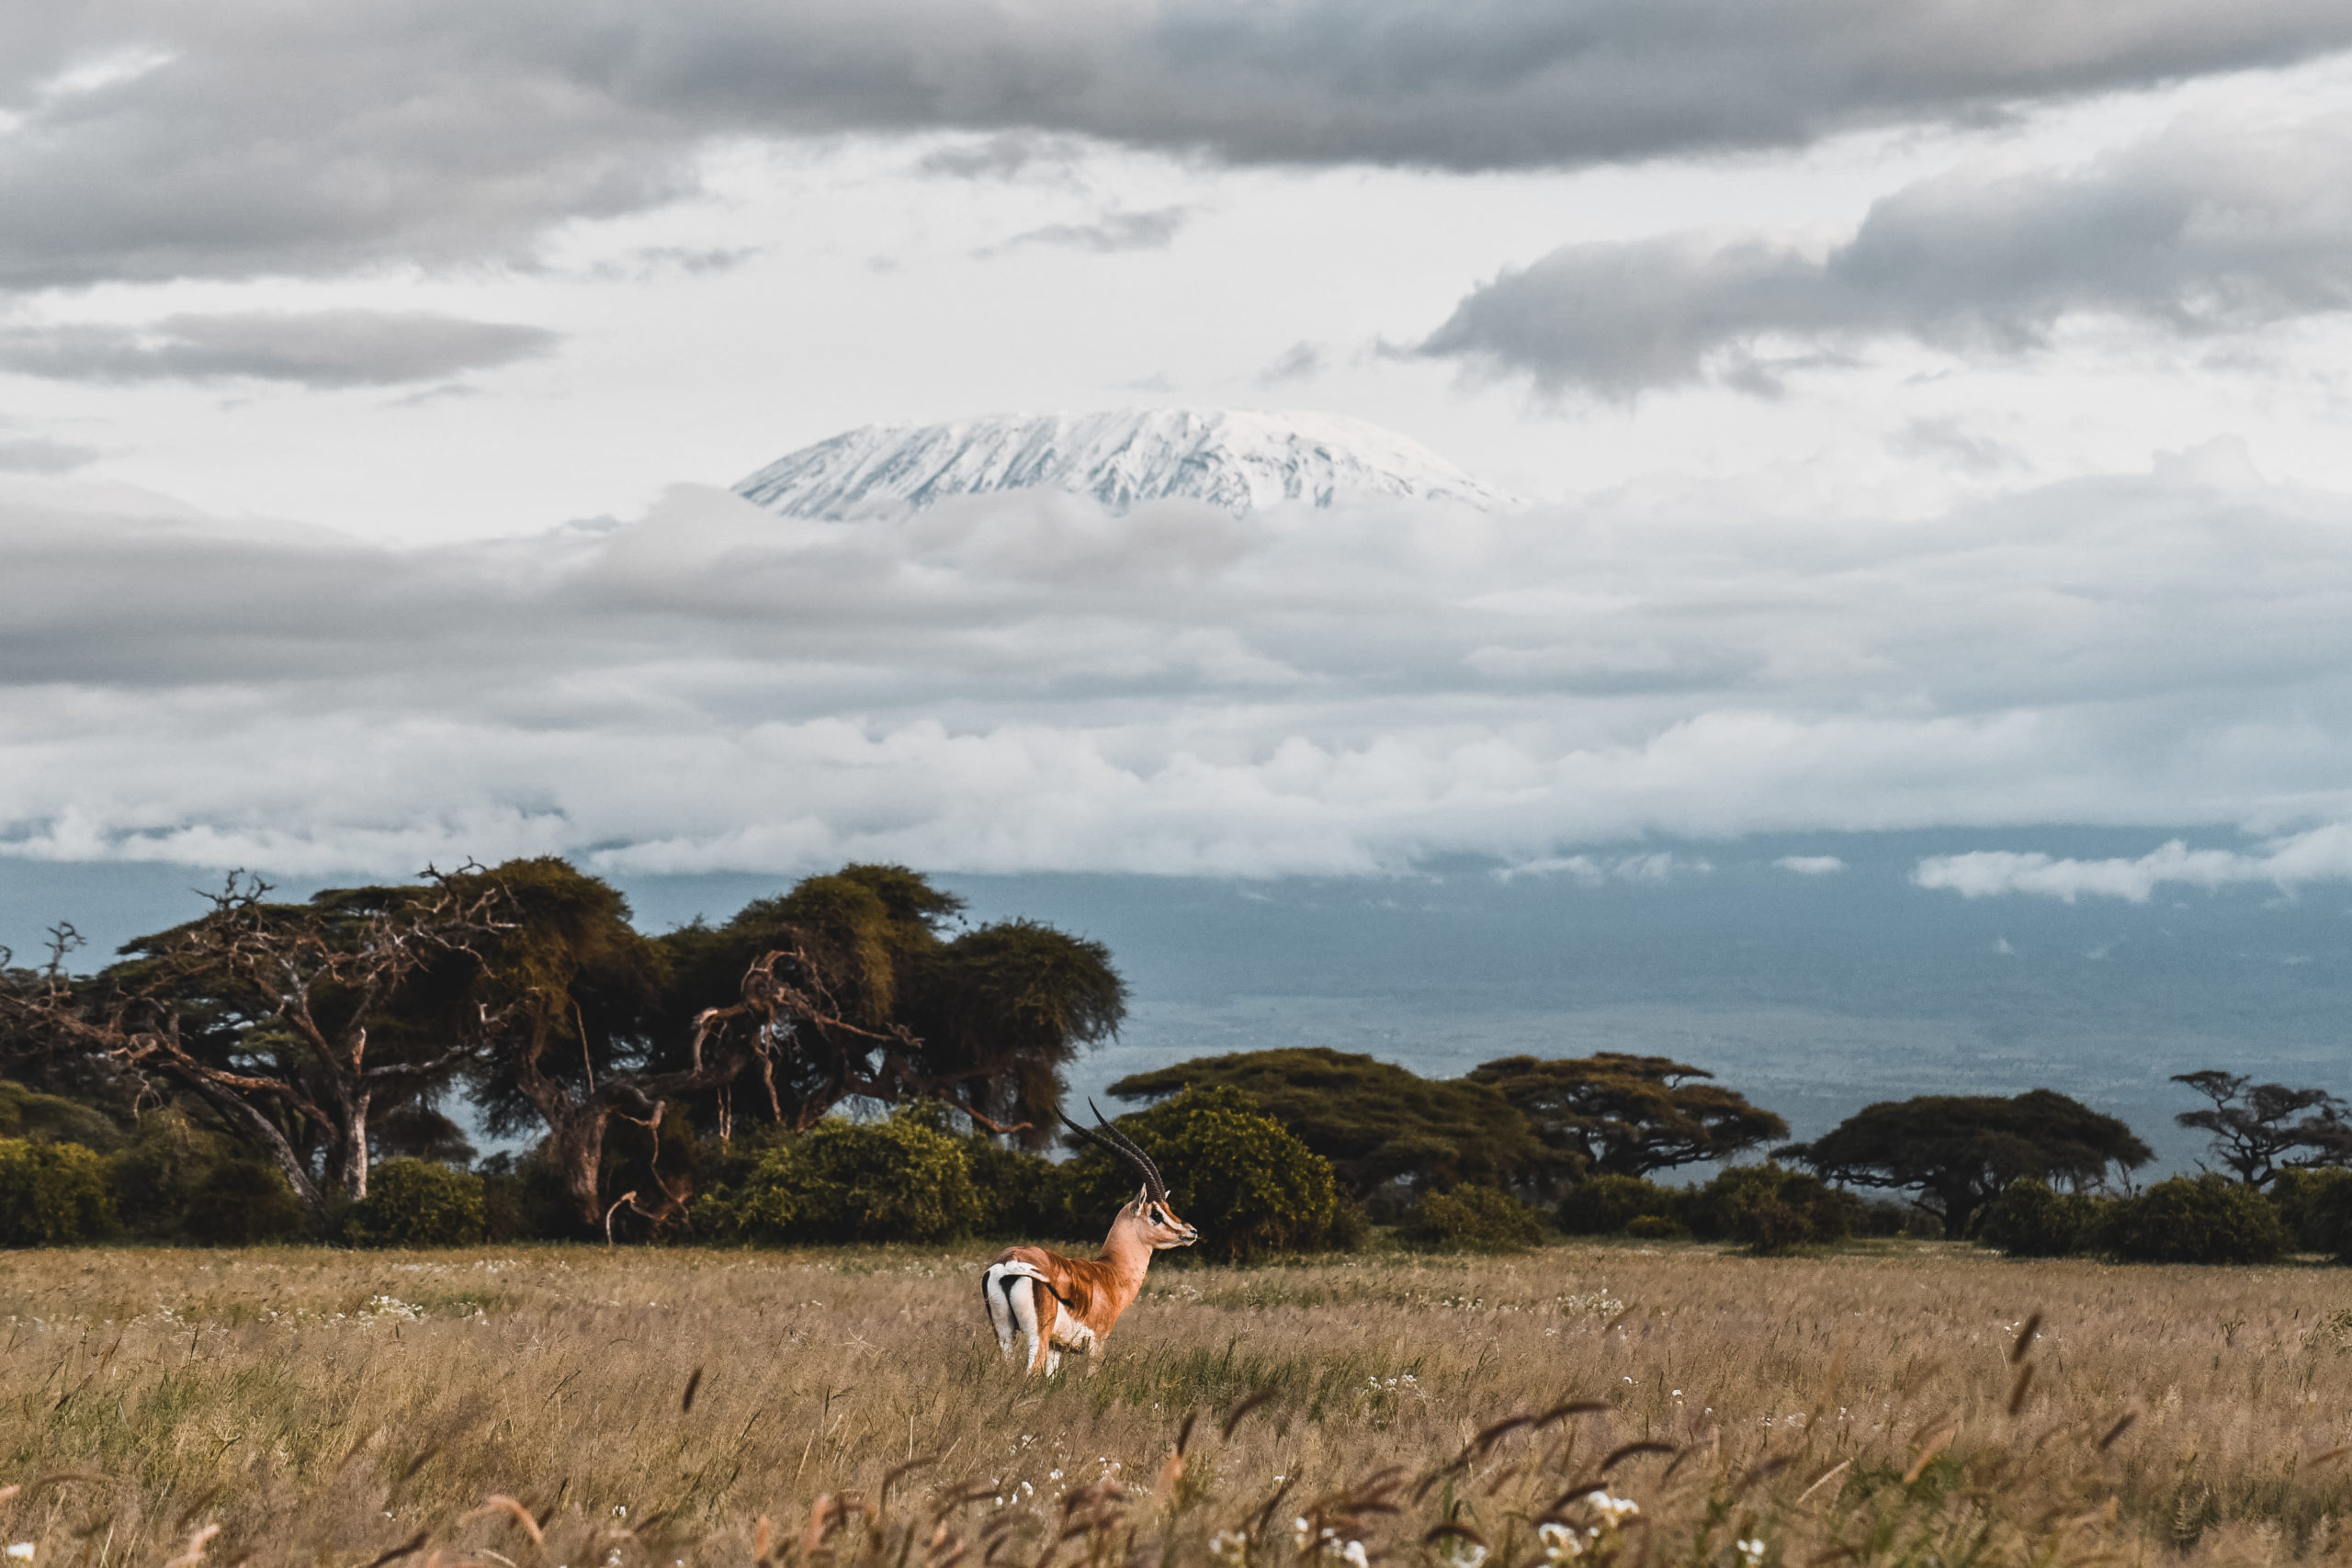 safari amboseli kenya